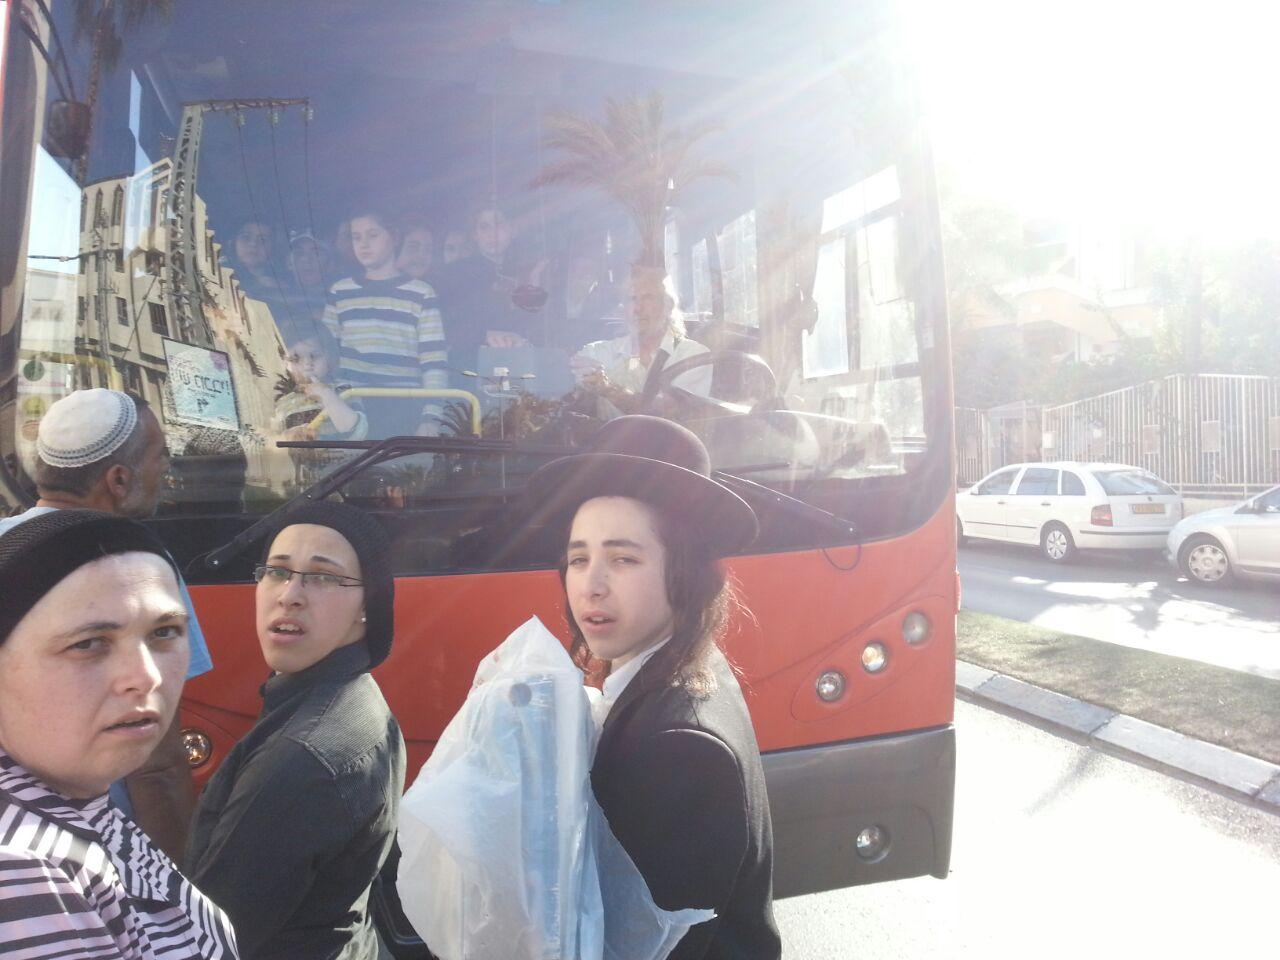 אוטובוס אוטובוסים חרדים נוסעים זועמים - צילם יהודה רחמים 24 (10)